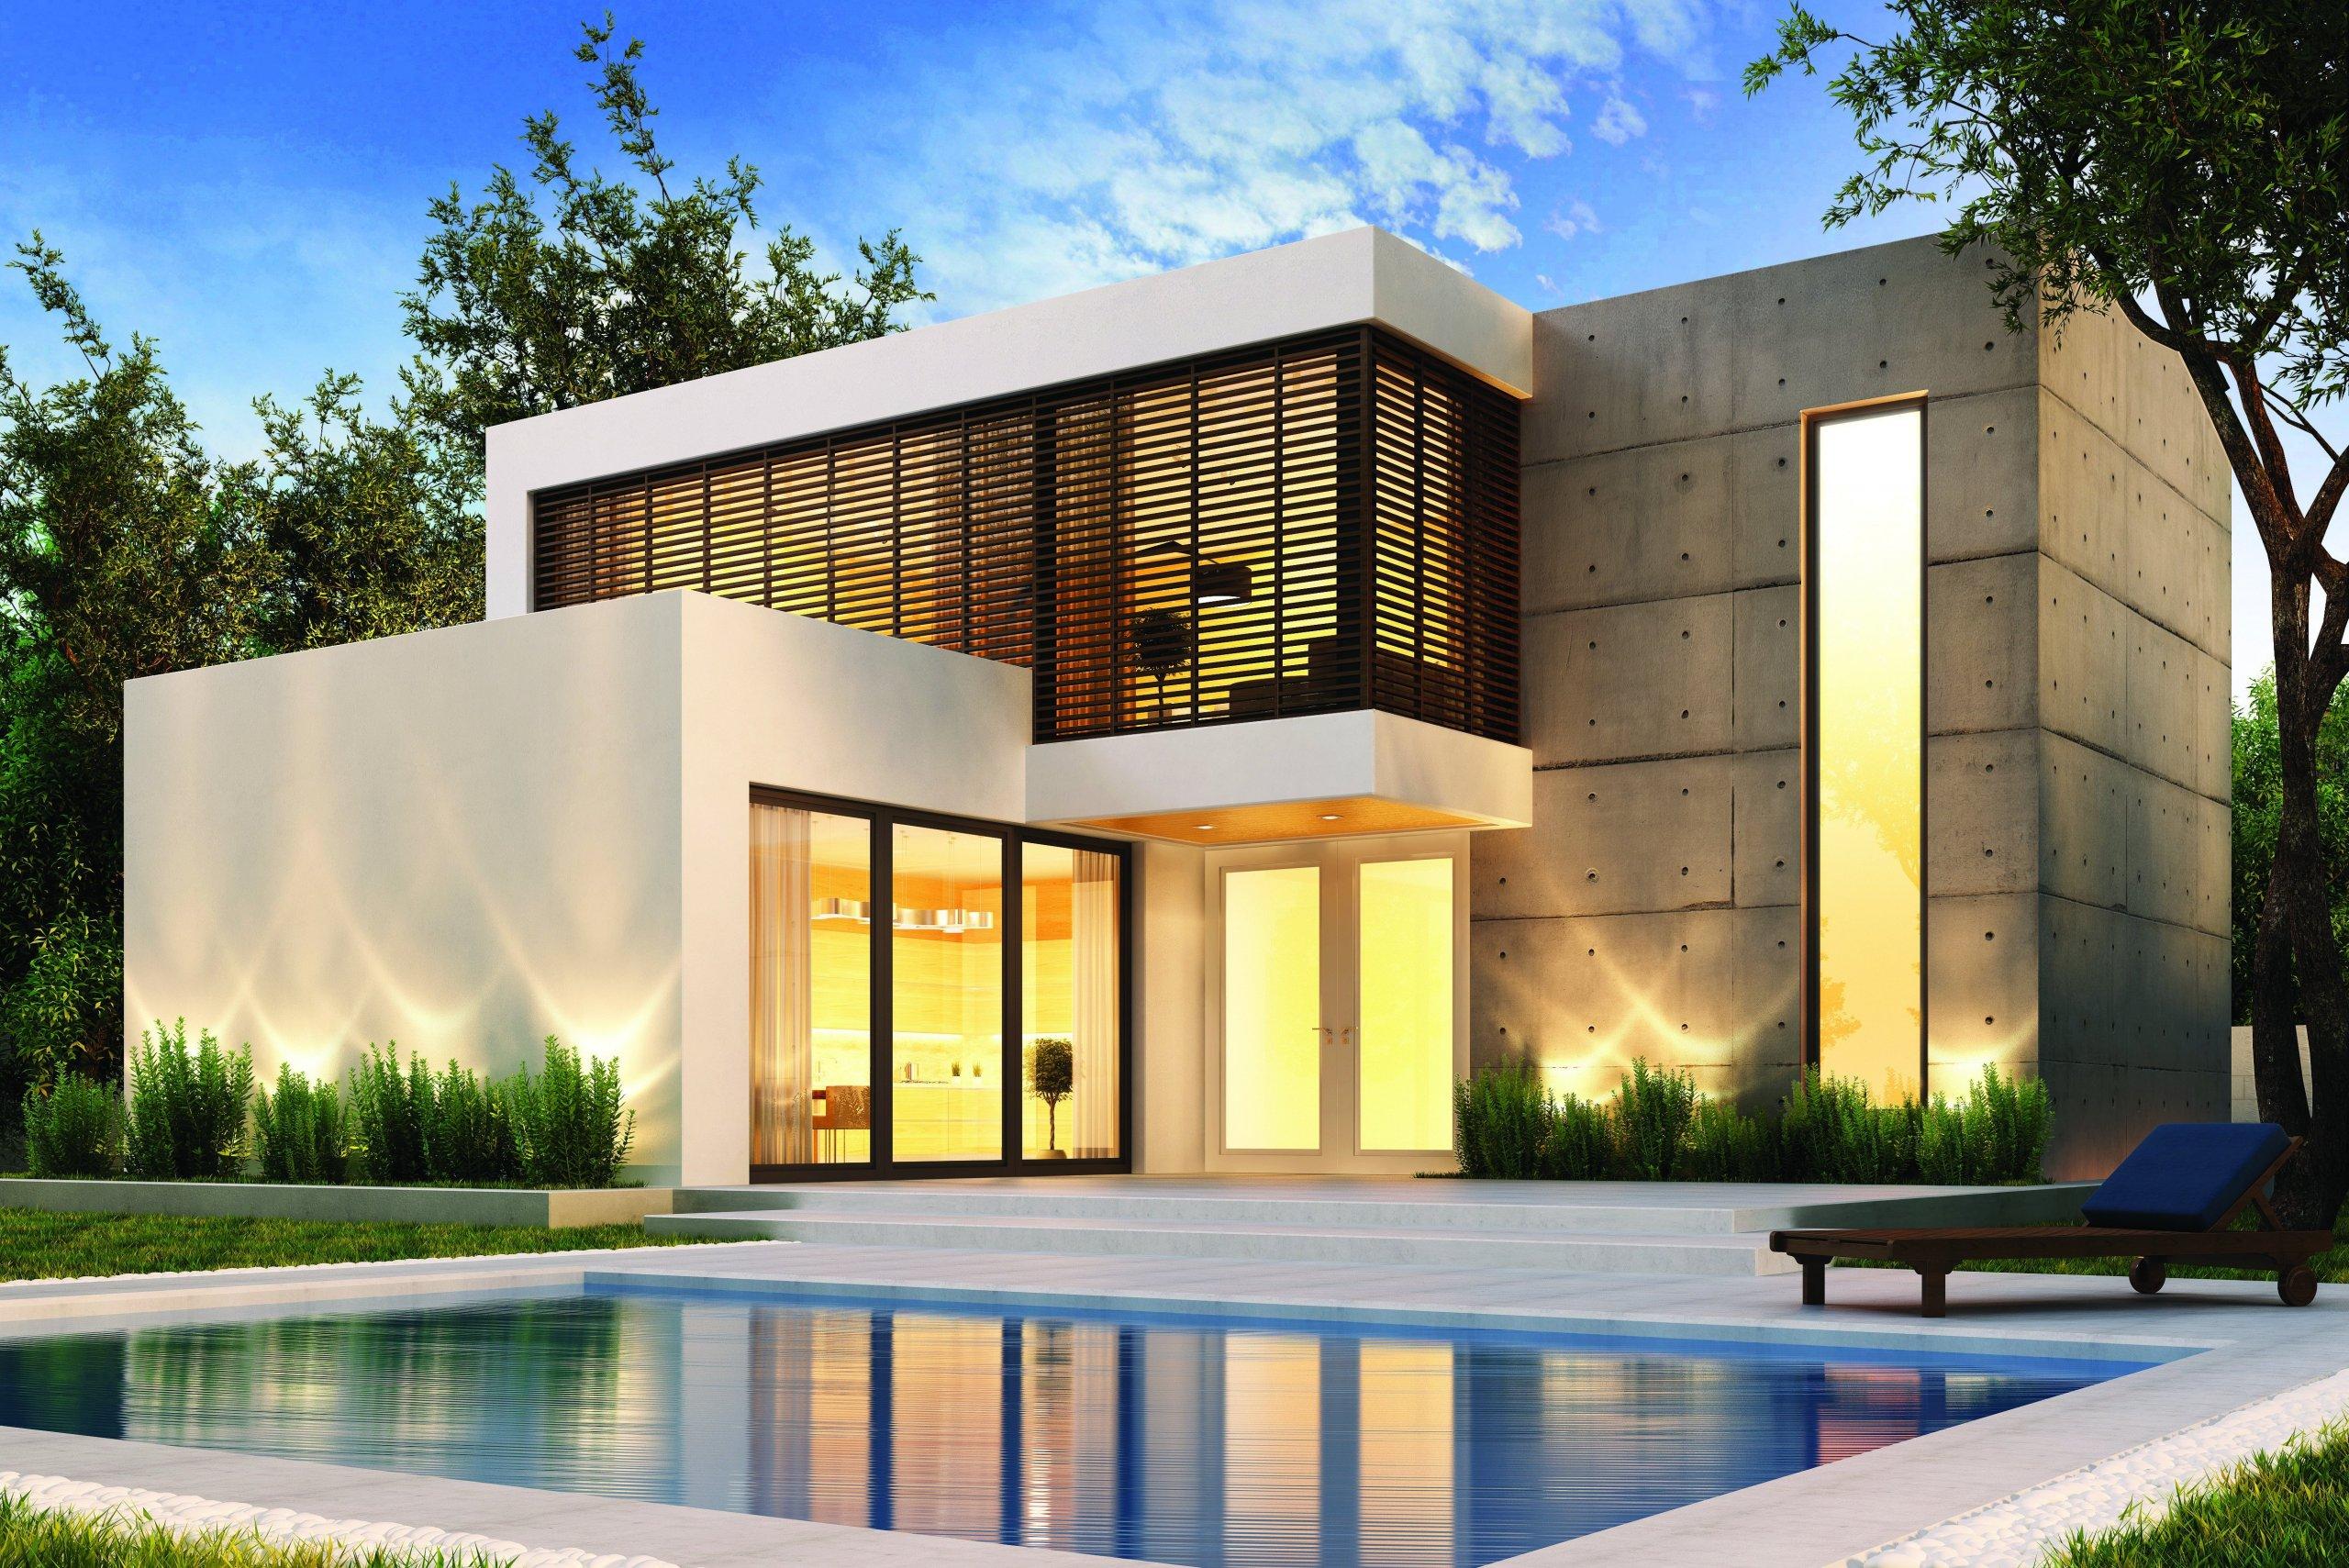 Rodinná vila v moderním stylu.